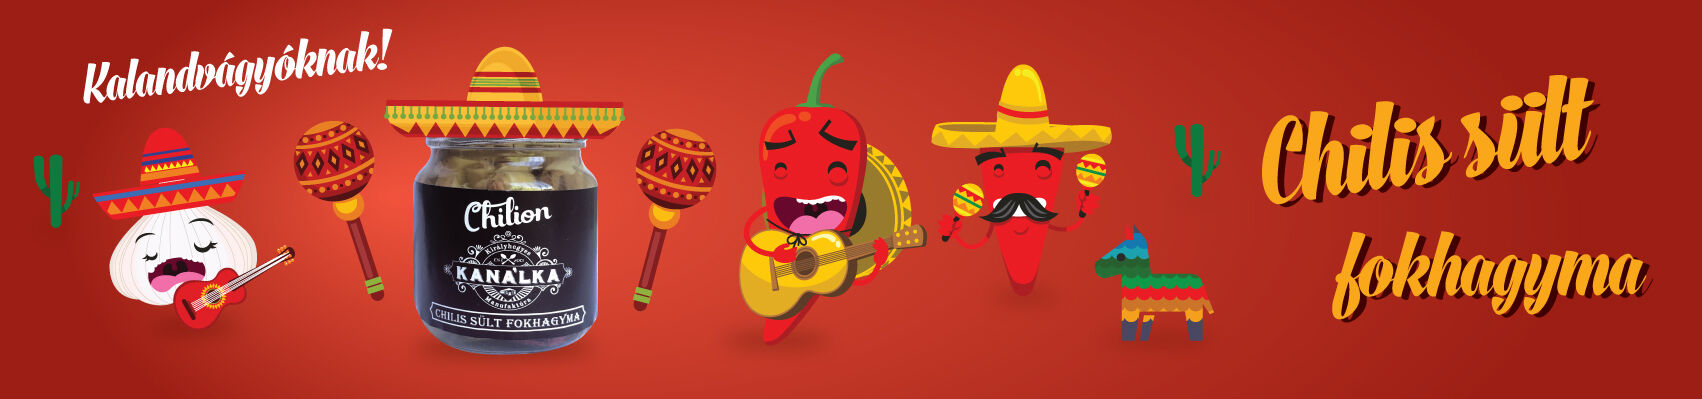 Chilis sült fokhagyma